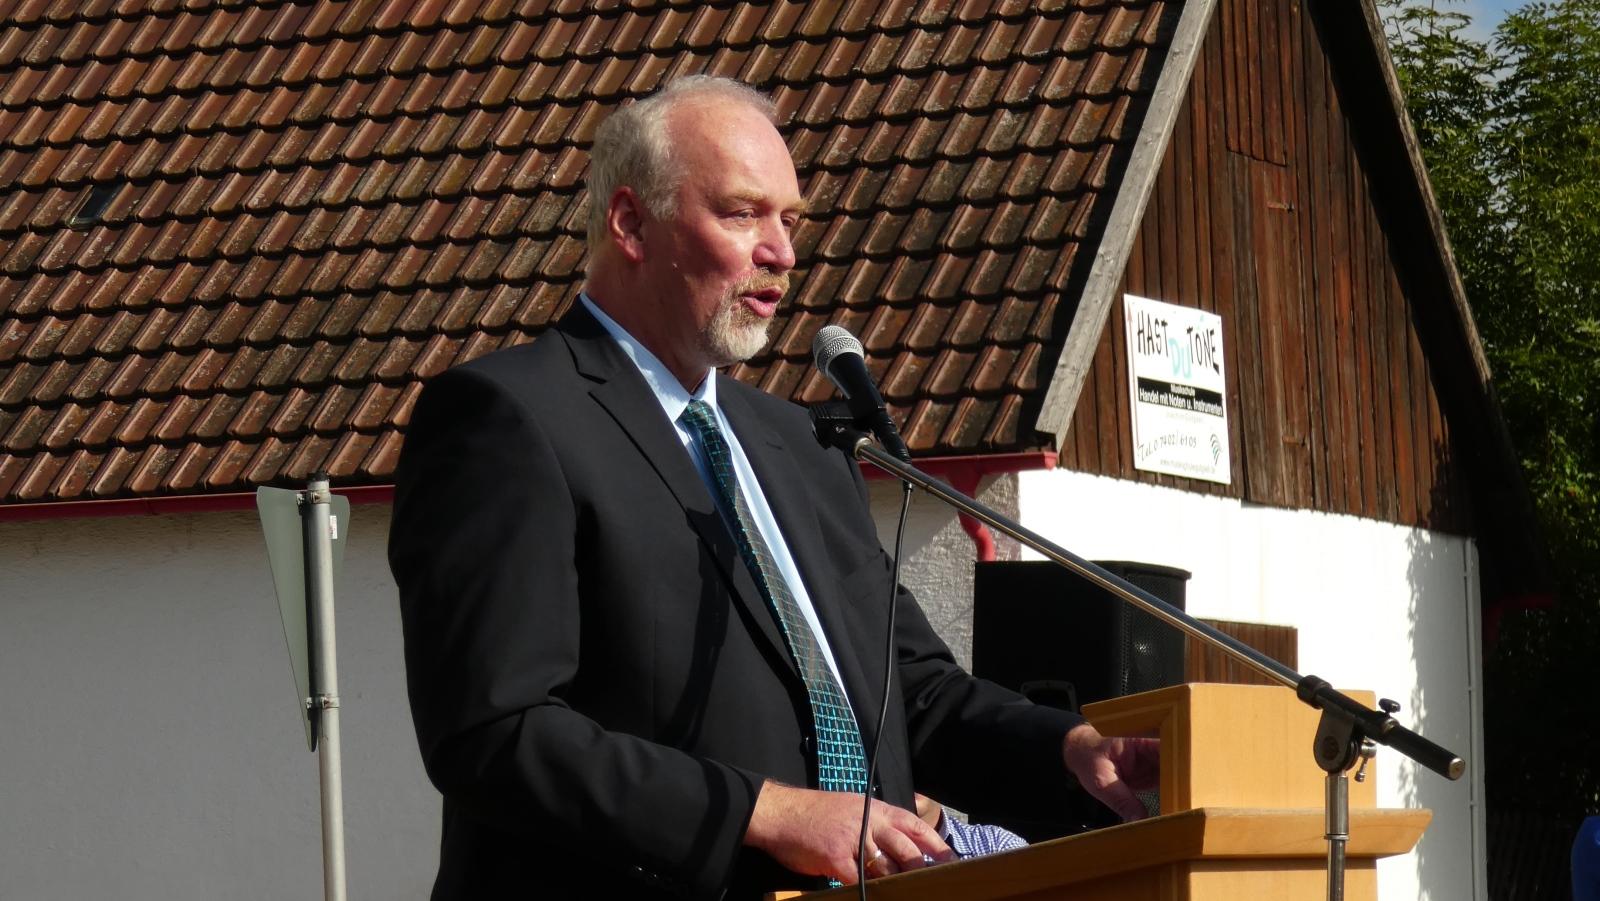 Bürgermeister Tjaden bei einer Ansprache